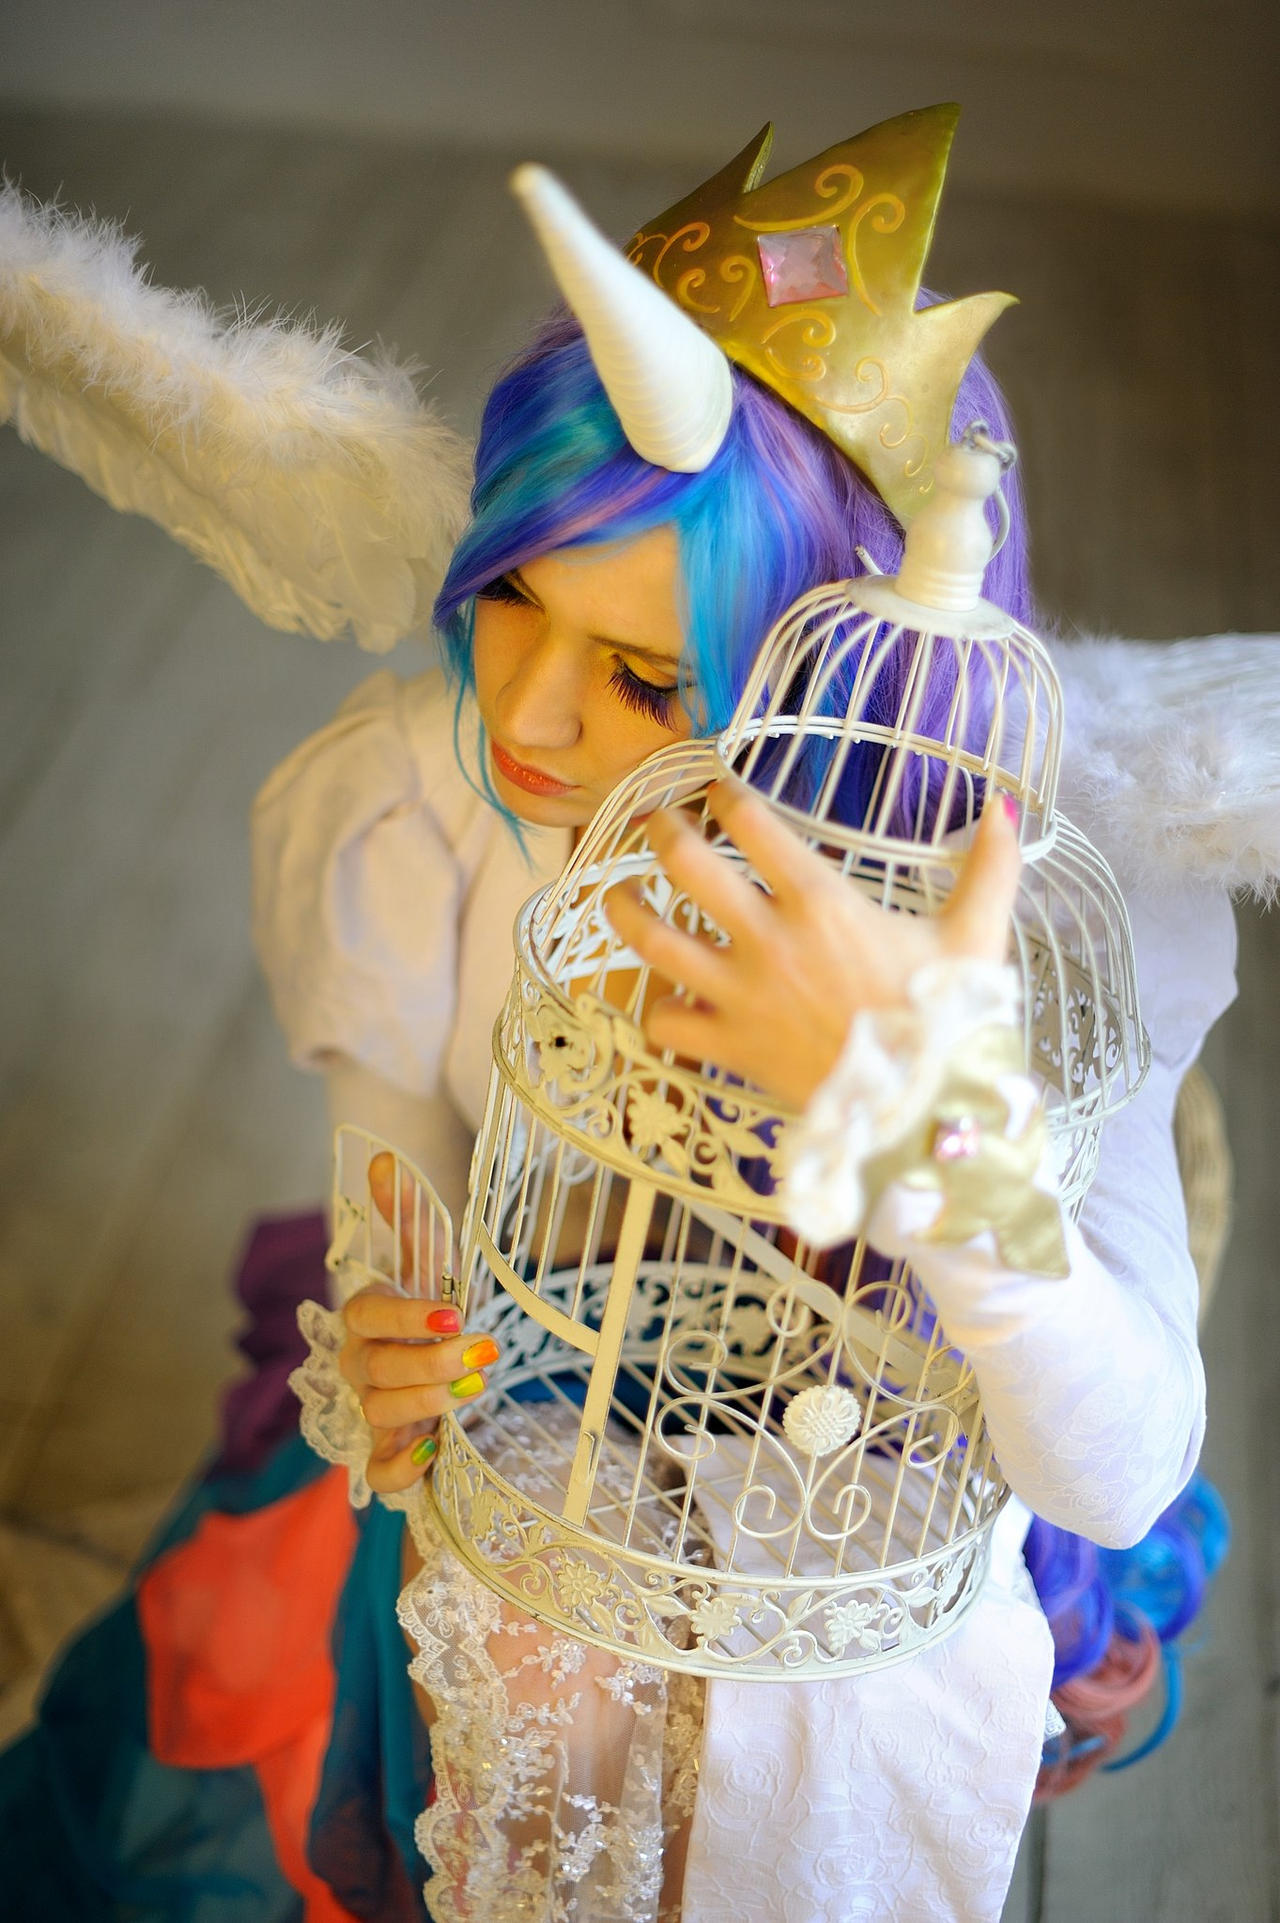 Princess Celestia 4 by neko-tin